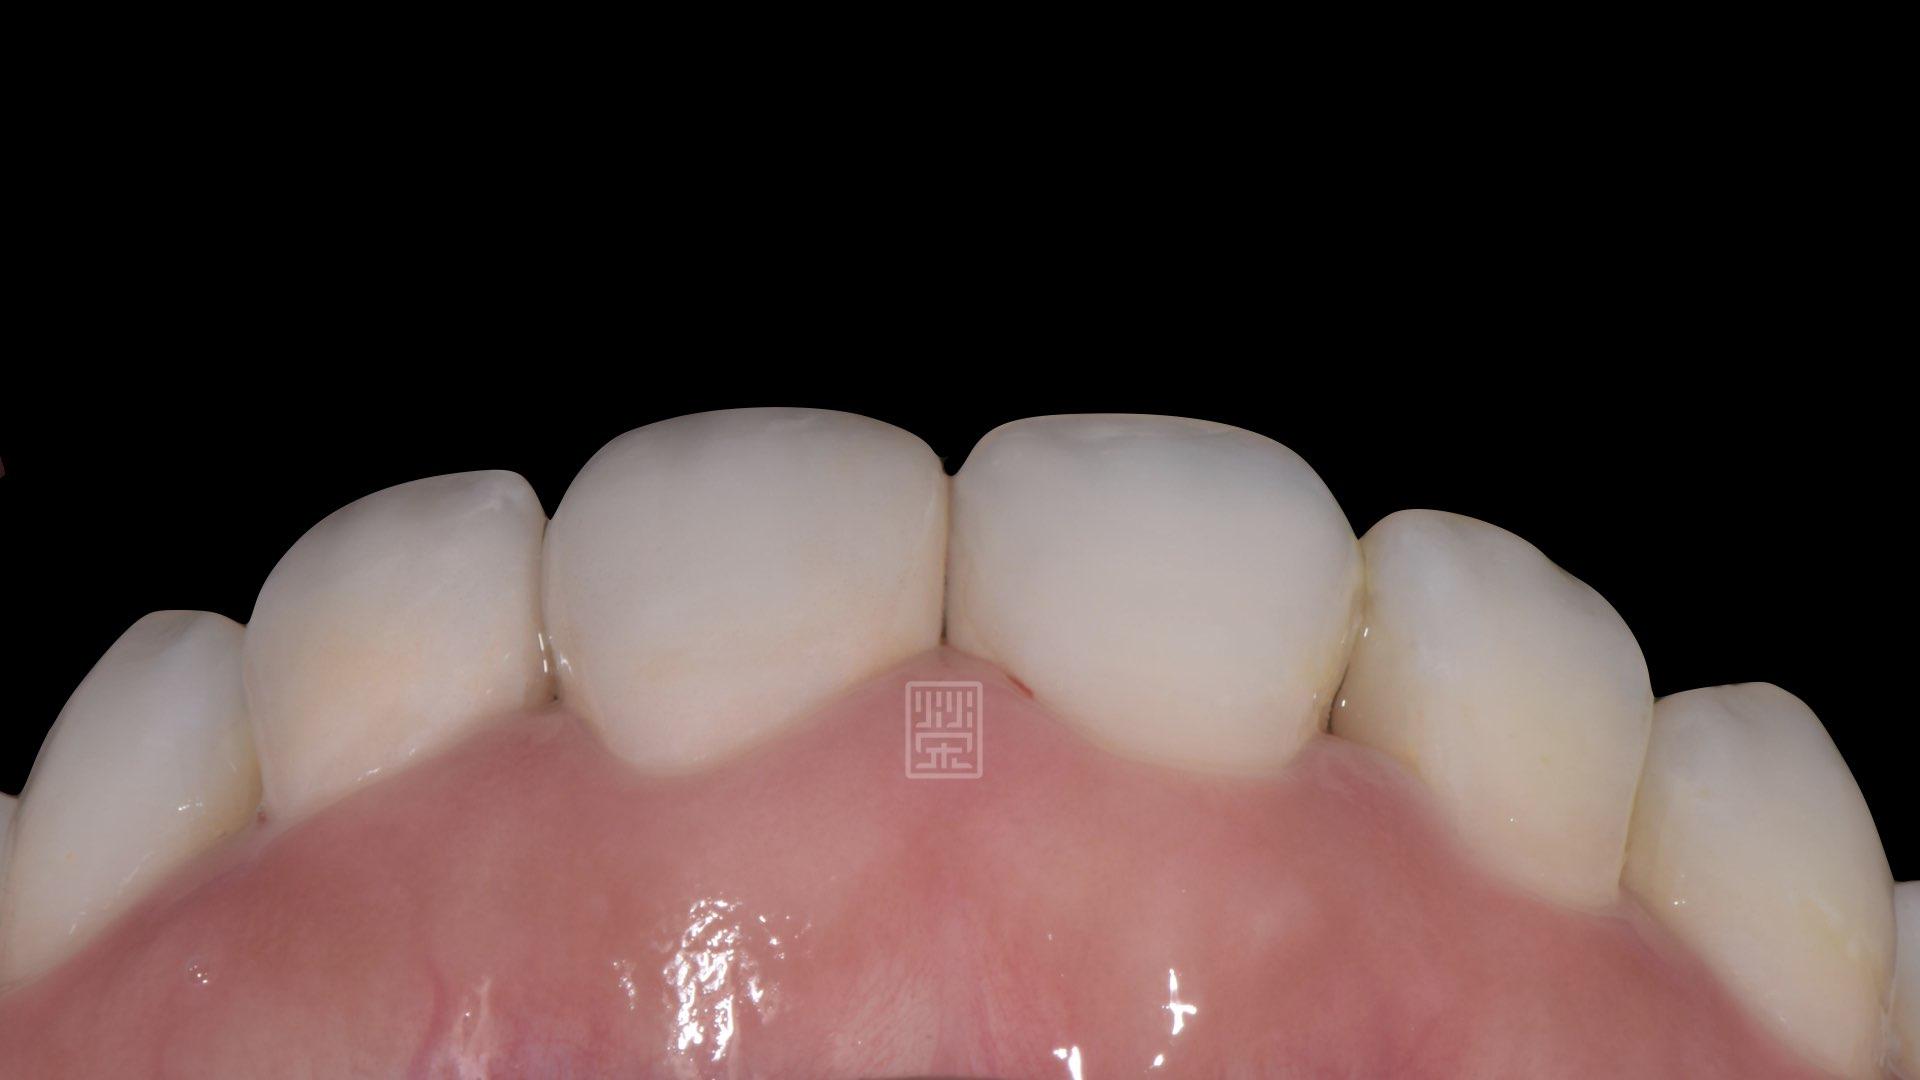 牙齦、牙齒、笑容和諧呈現